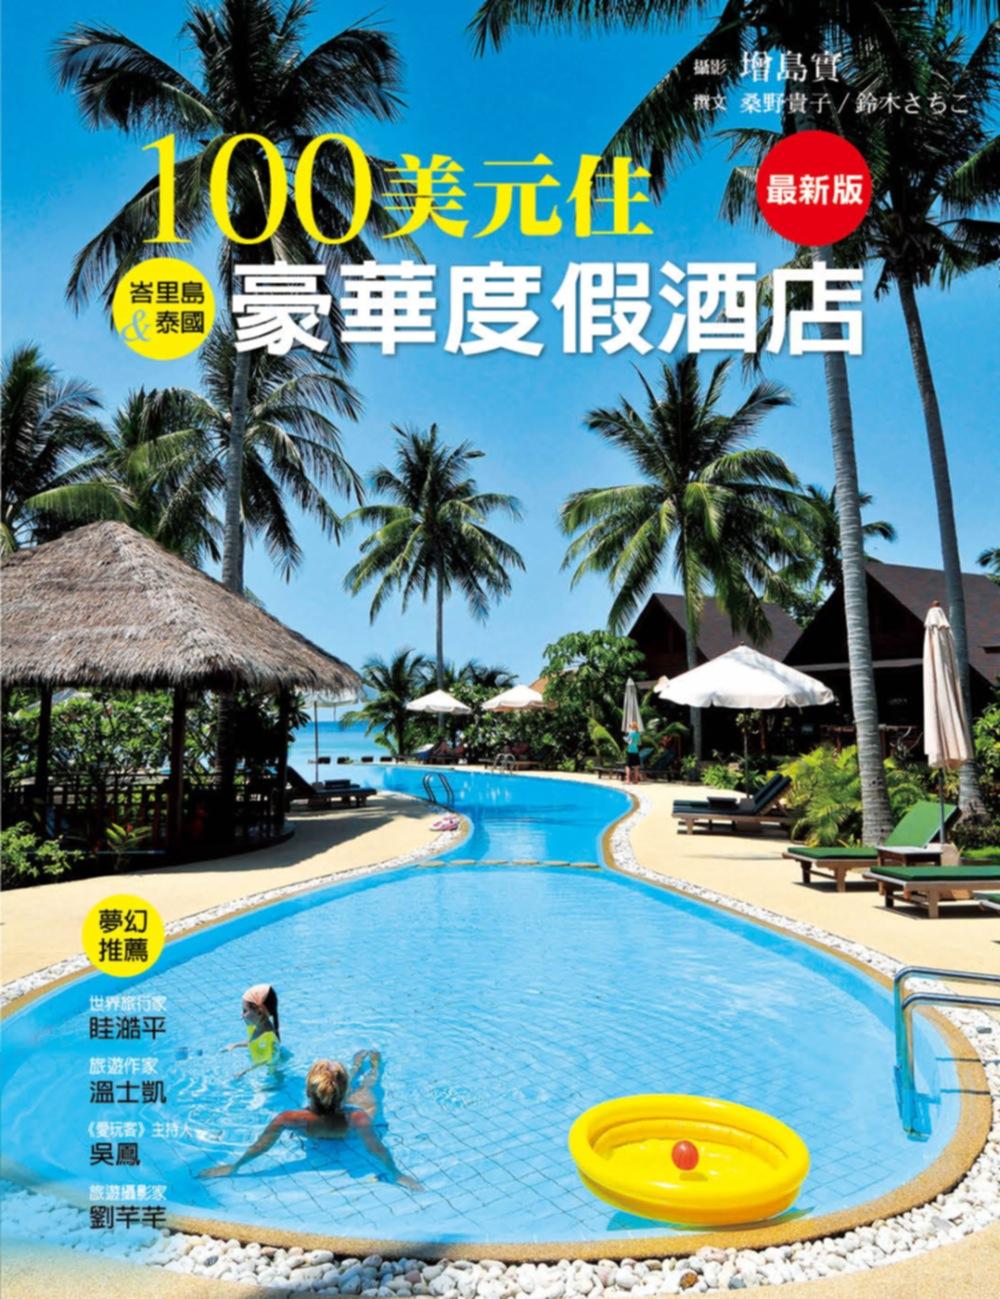 100美元住豪華度假酒店(最新...